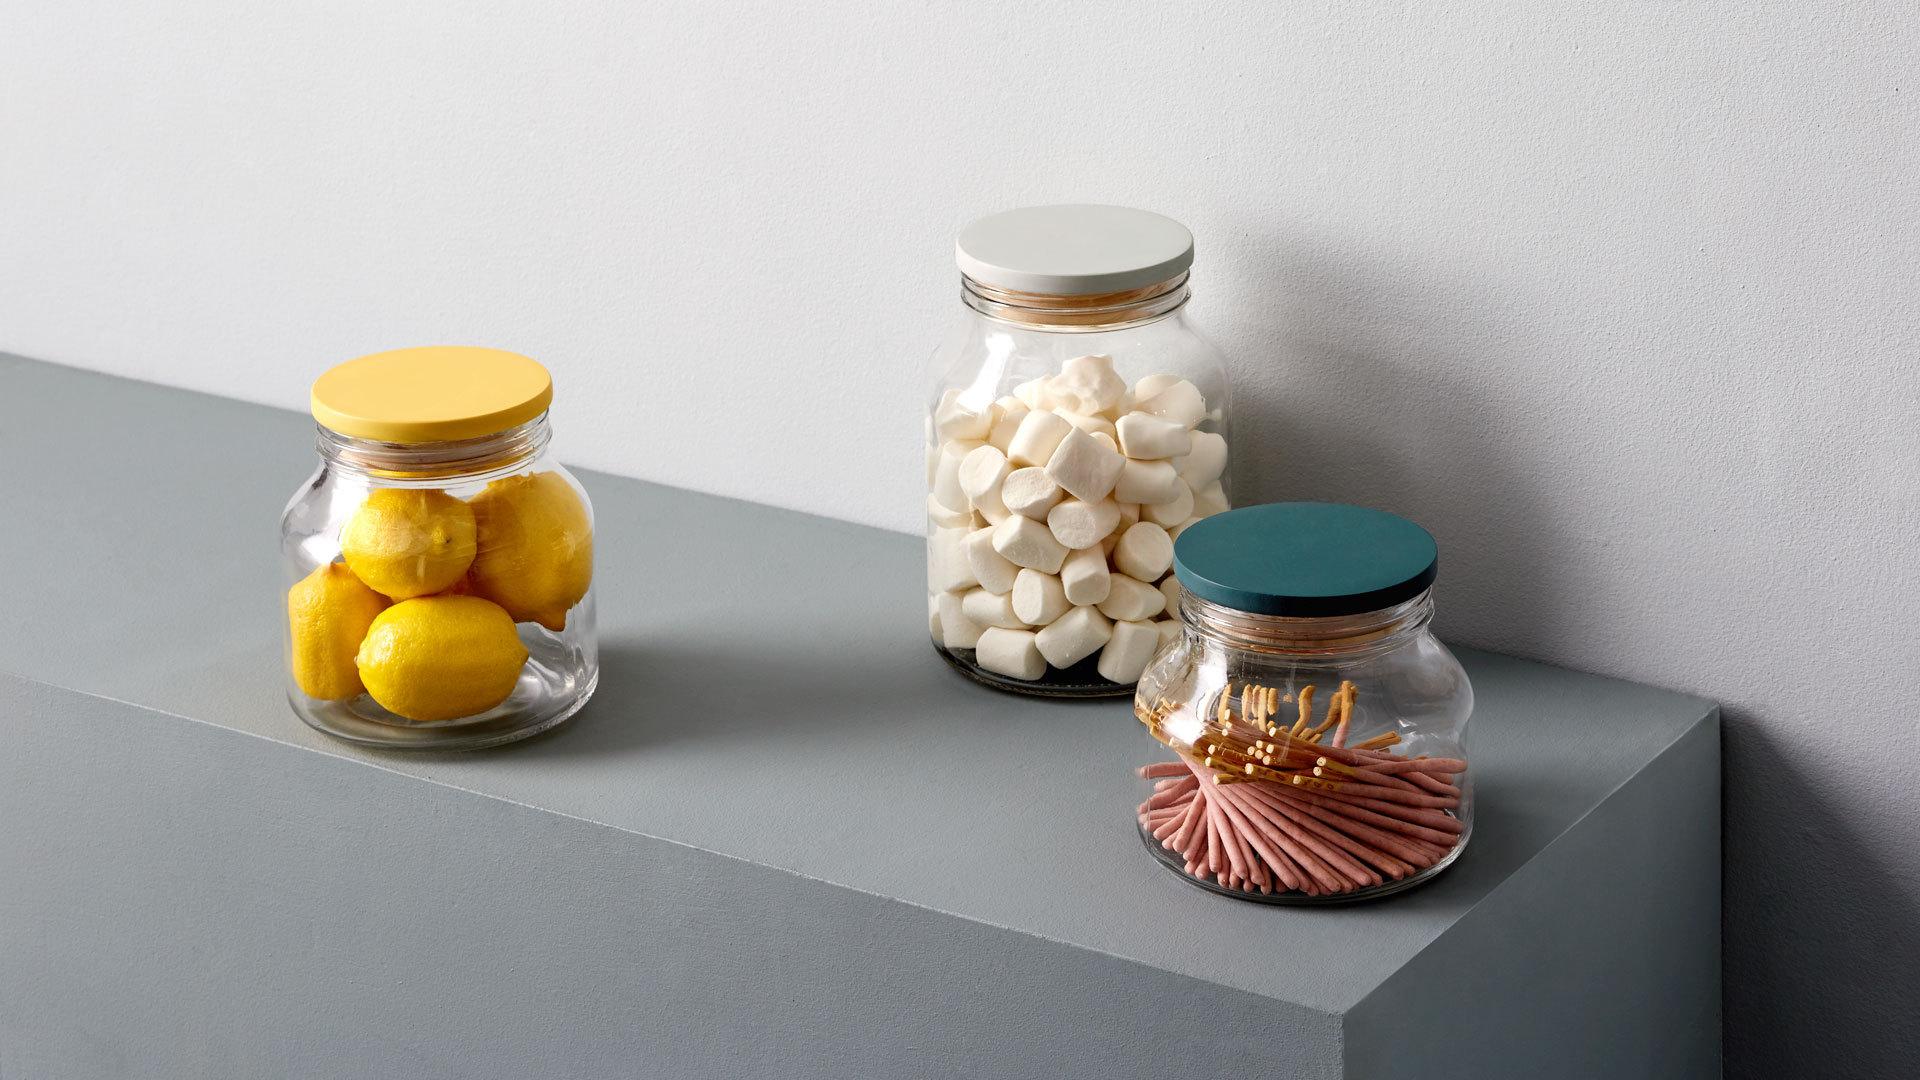 置于厨房、客厅,更别致的食物收纳罐